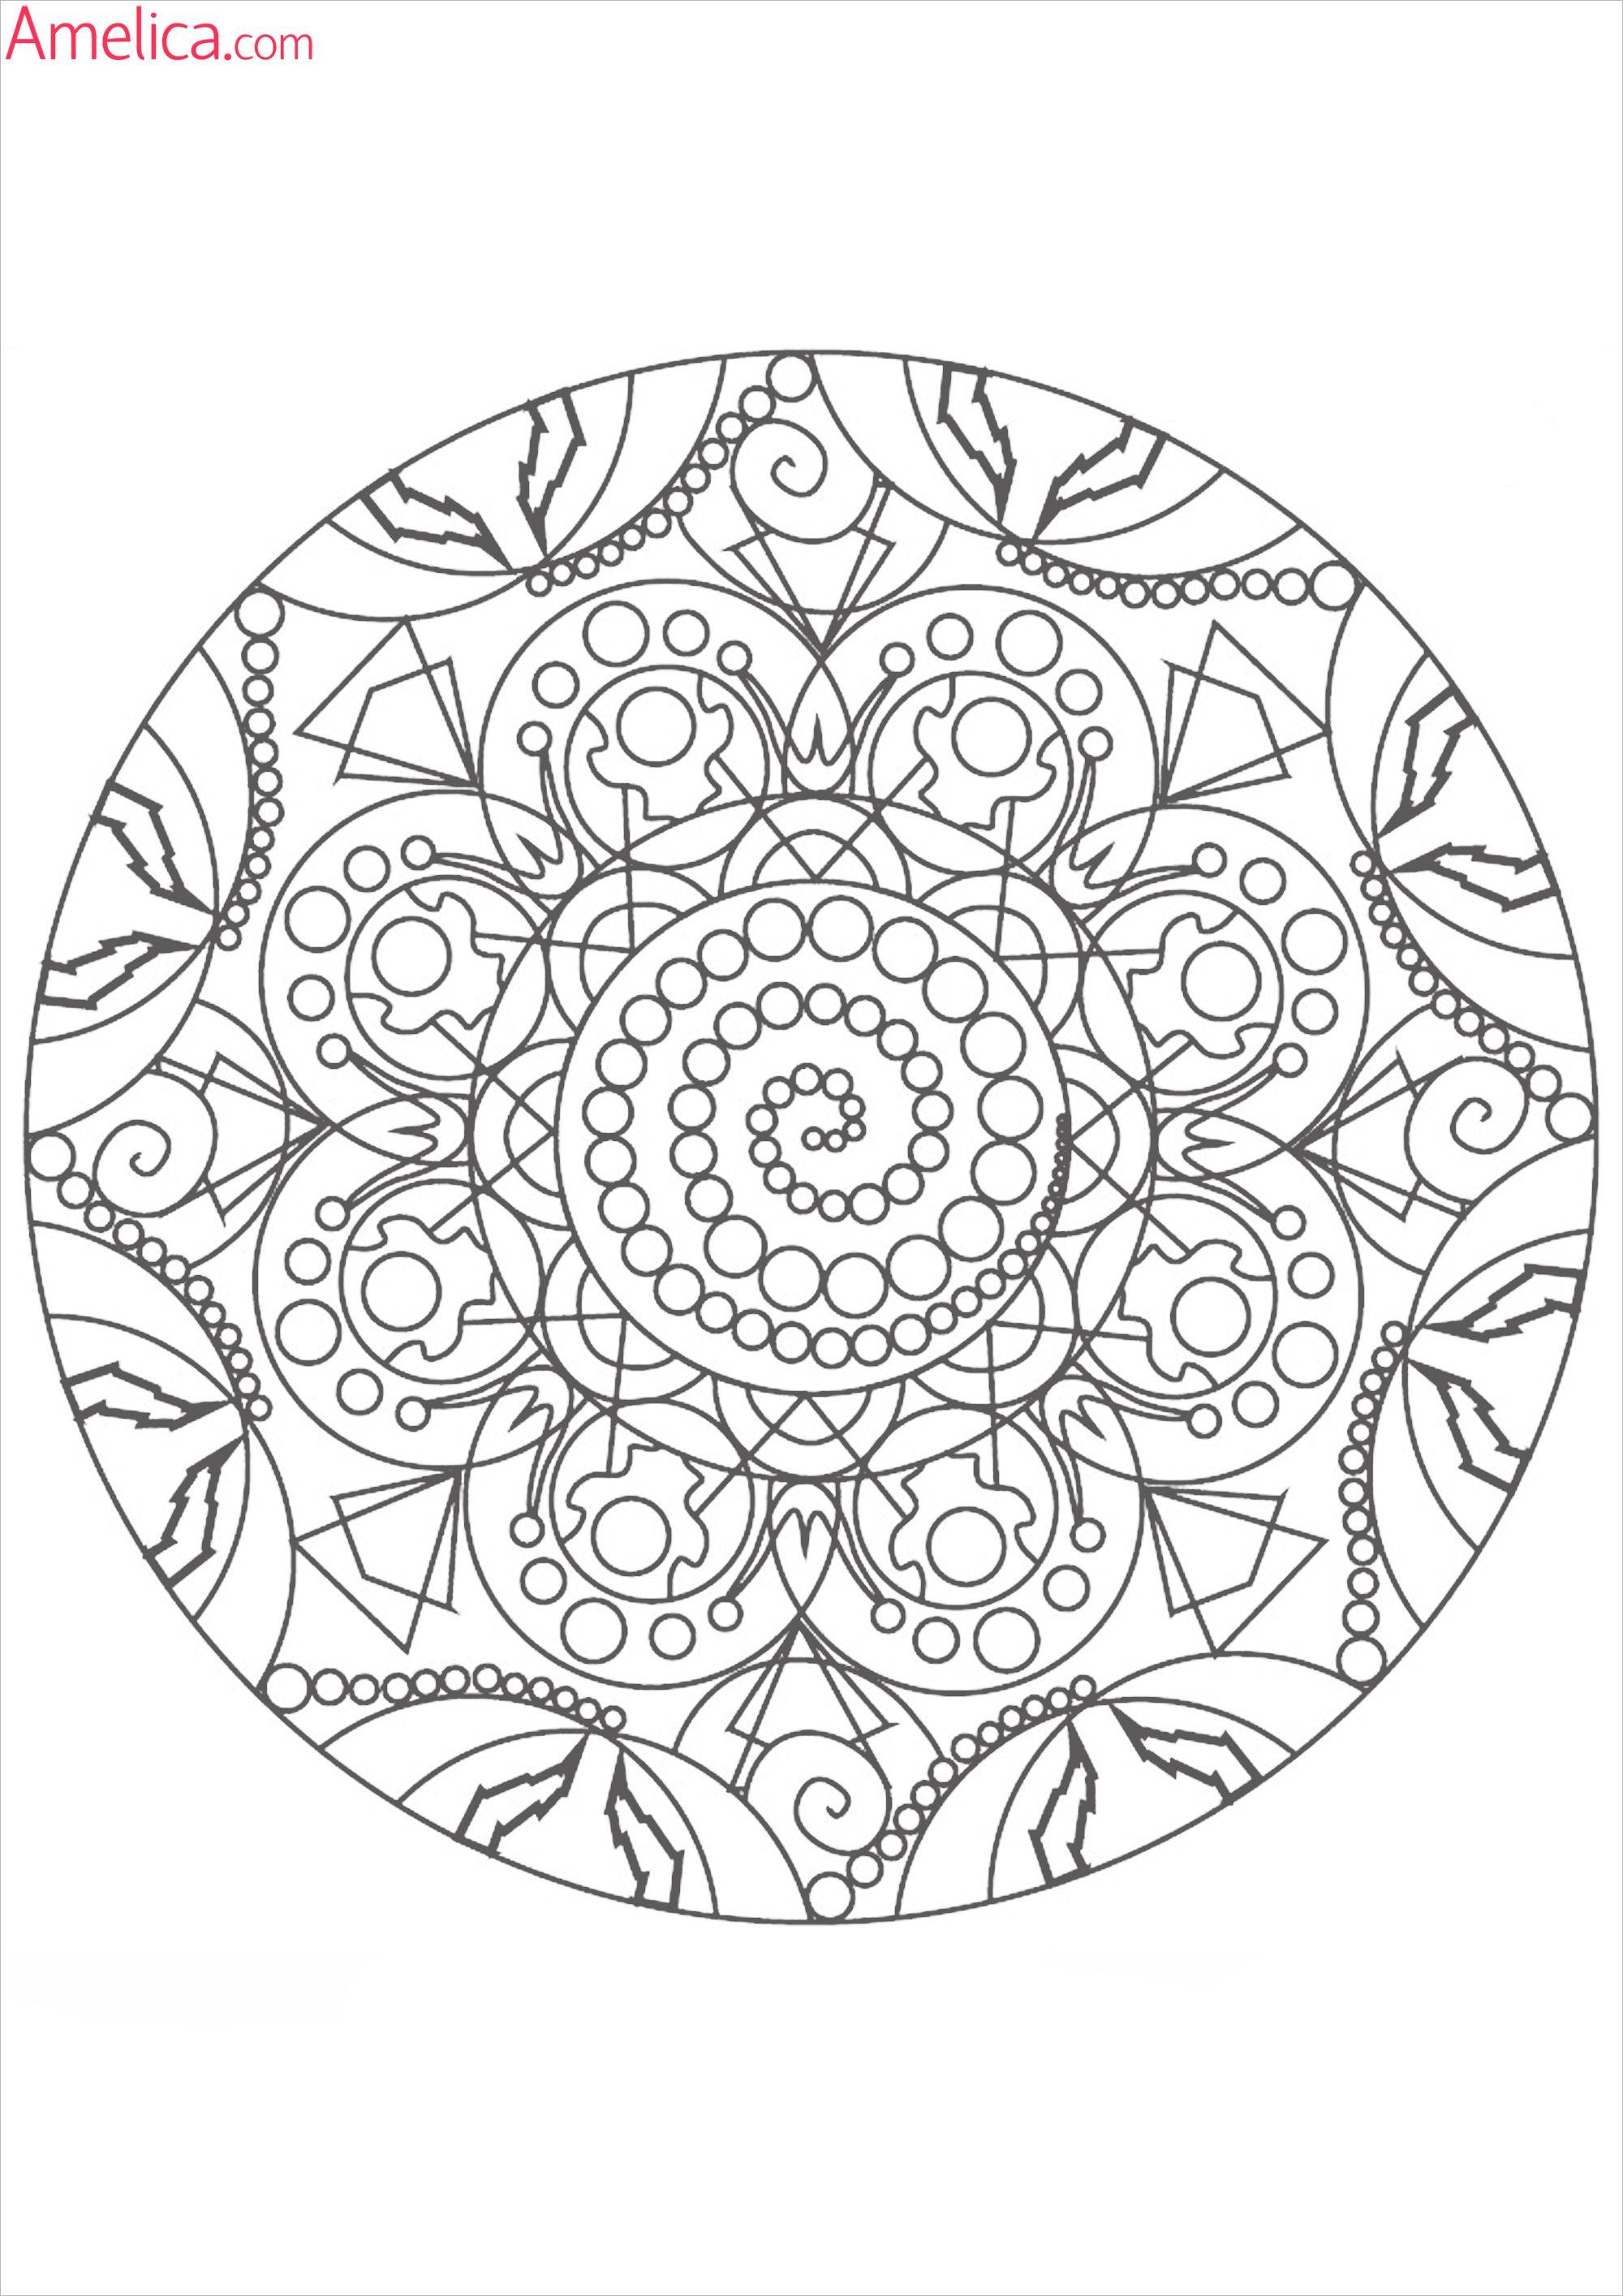 мандалы для раскрашивания скачать, Mandala Coloring ...